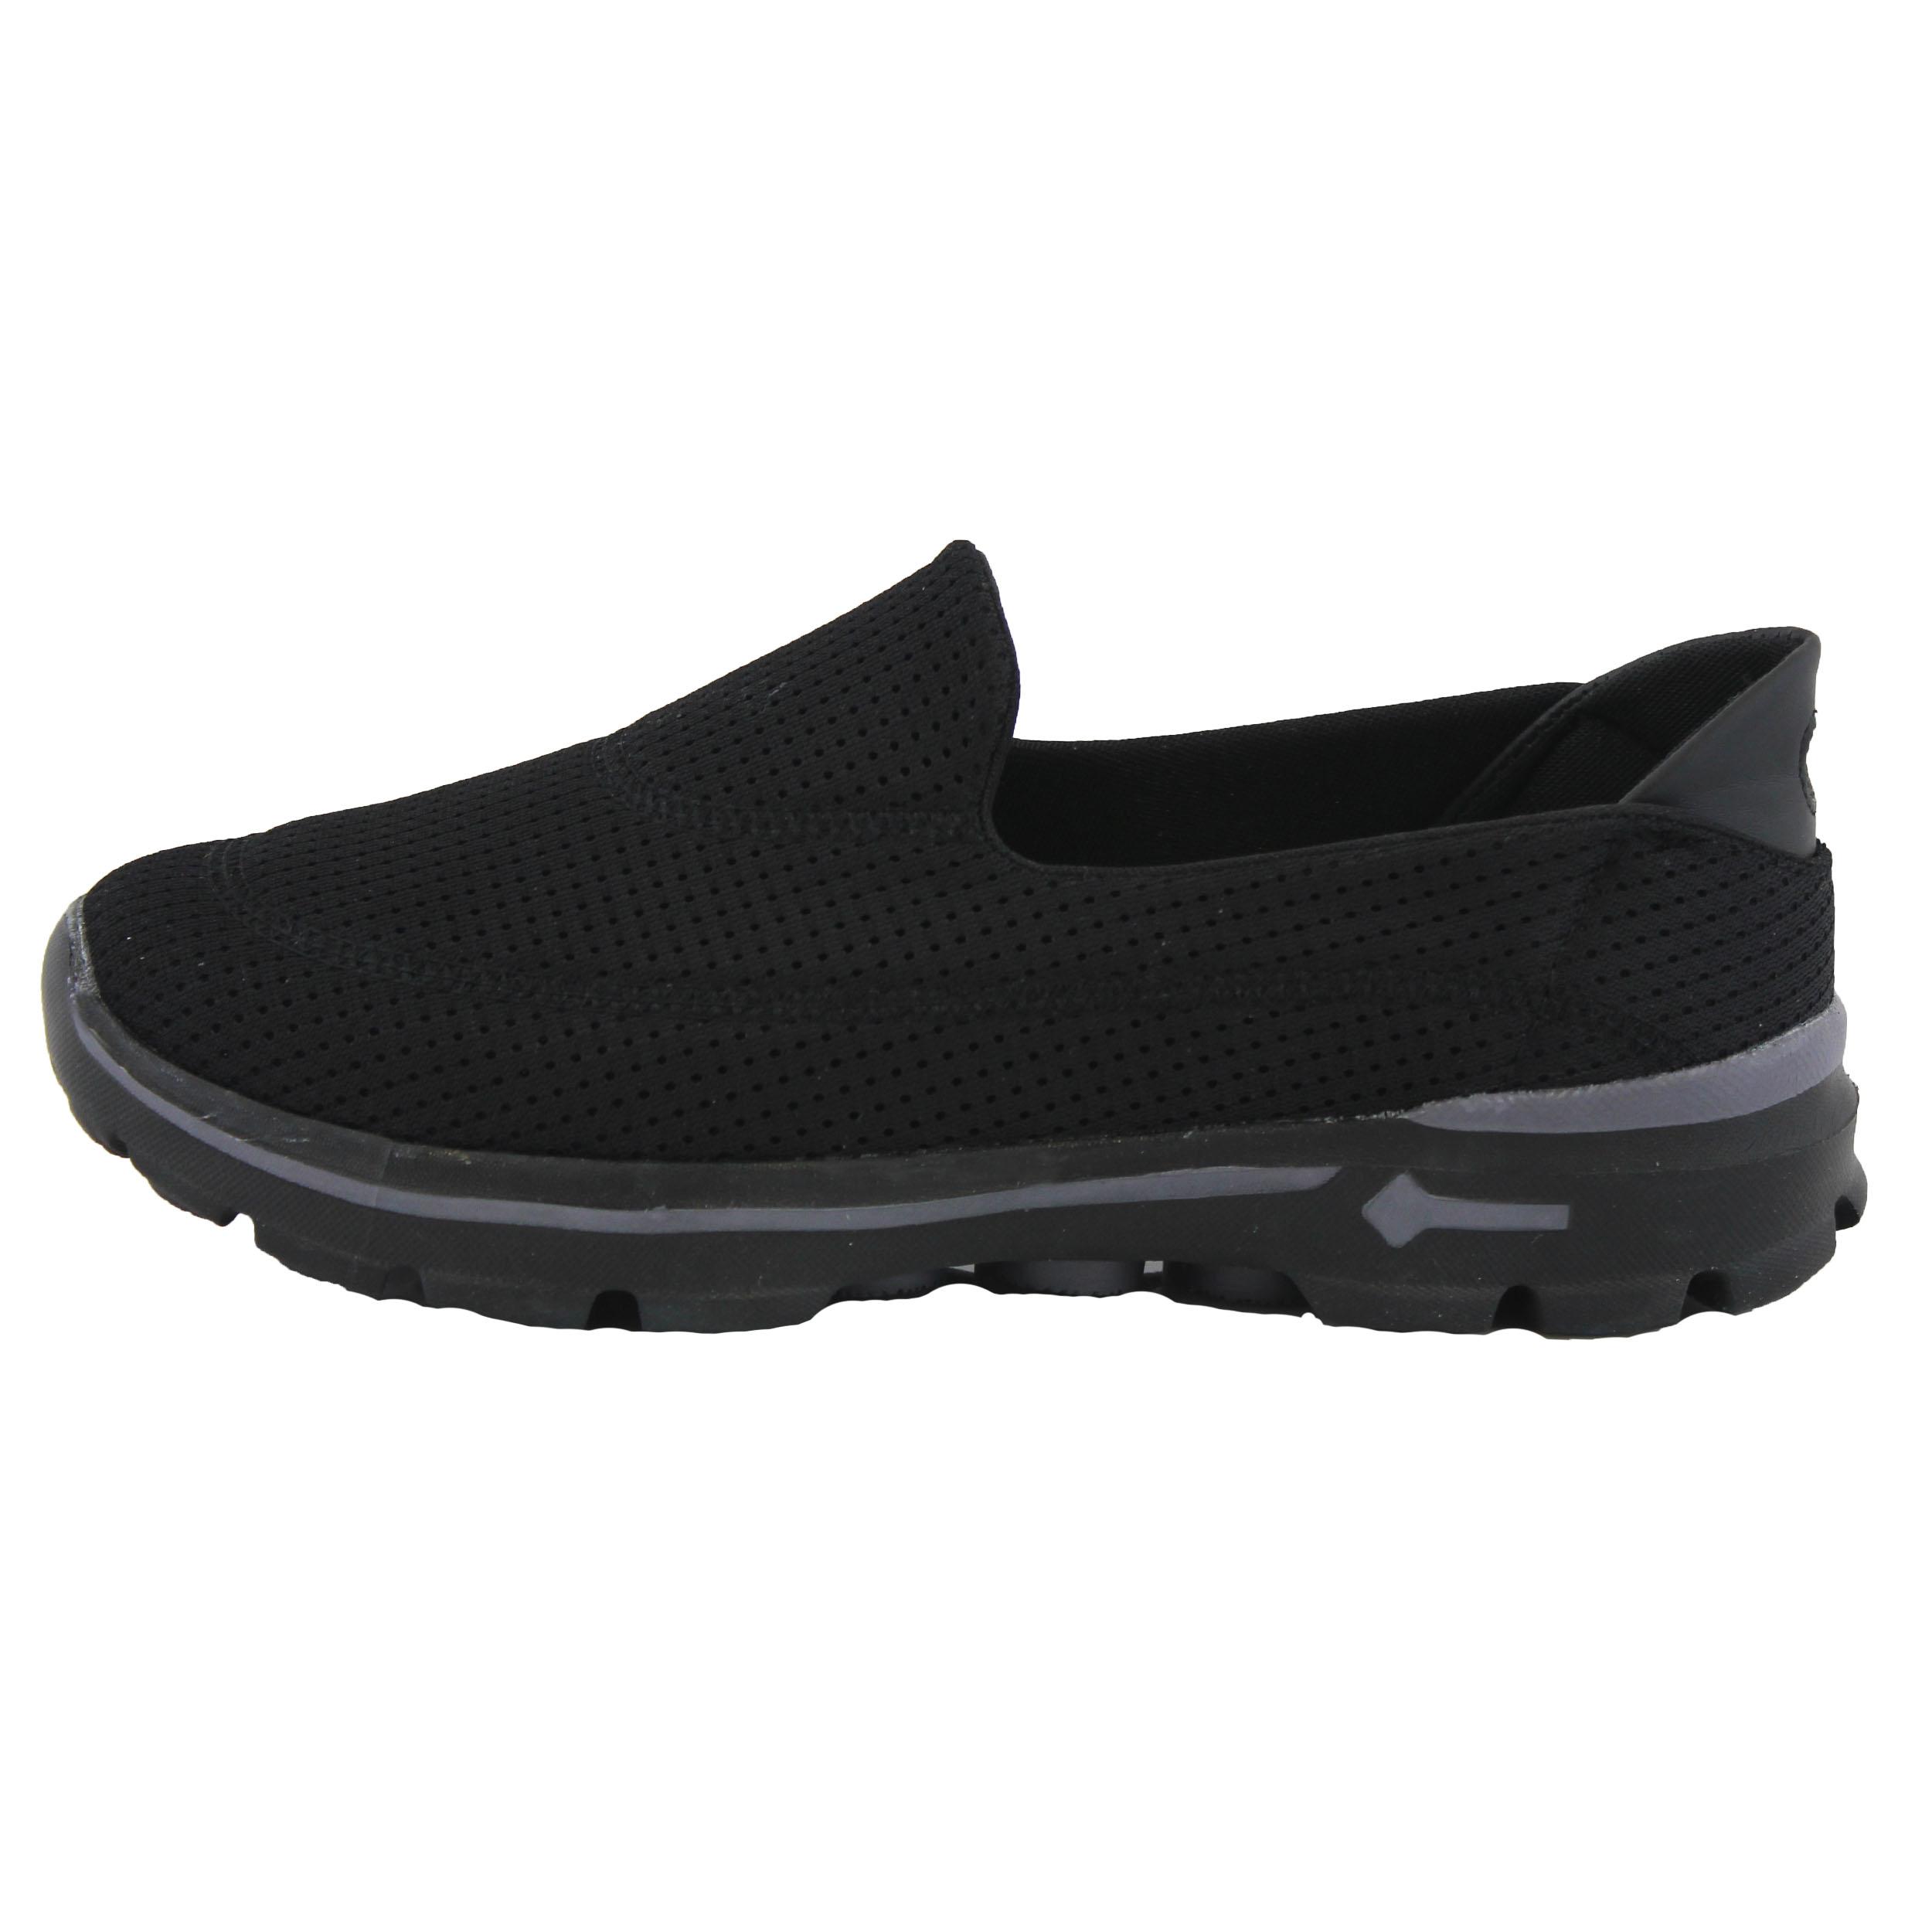 قیمت کفش راحتی مردانه مدل walking6